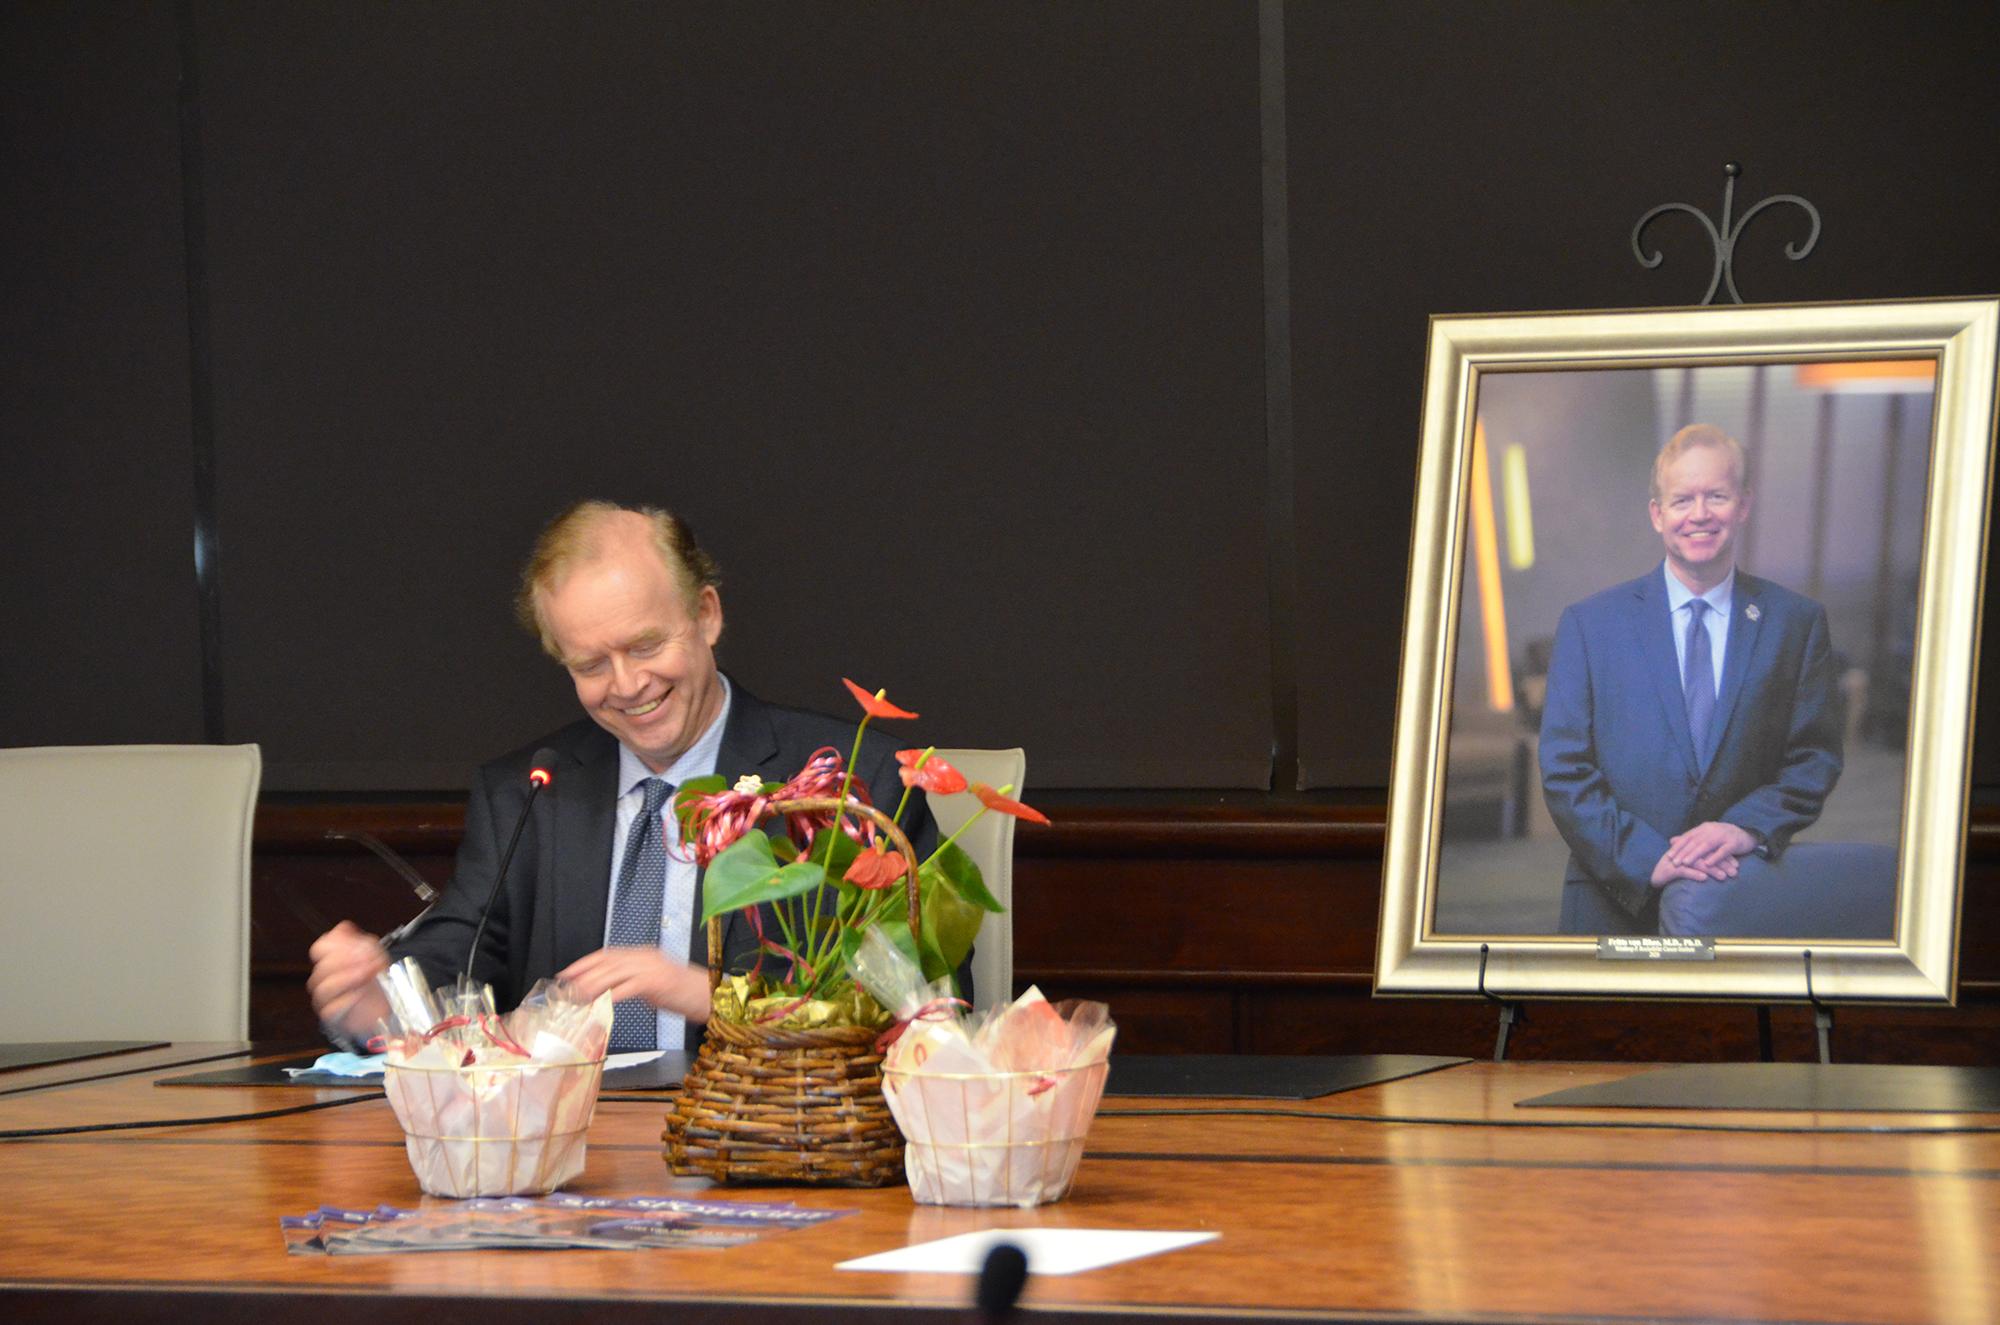 Dr. Frits van Rhee